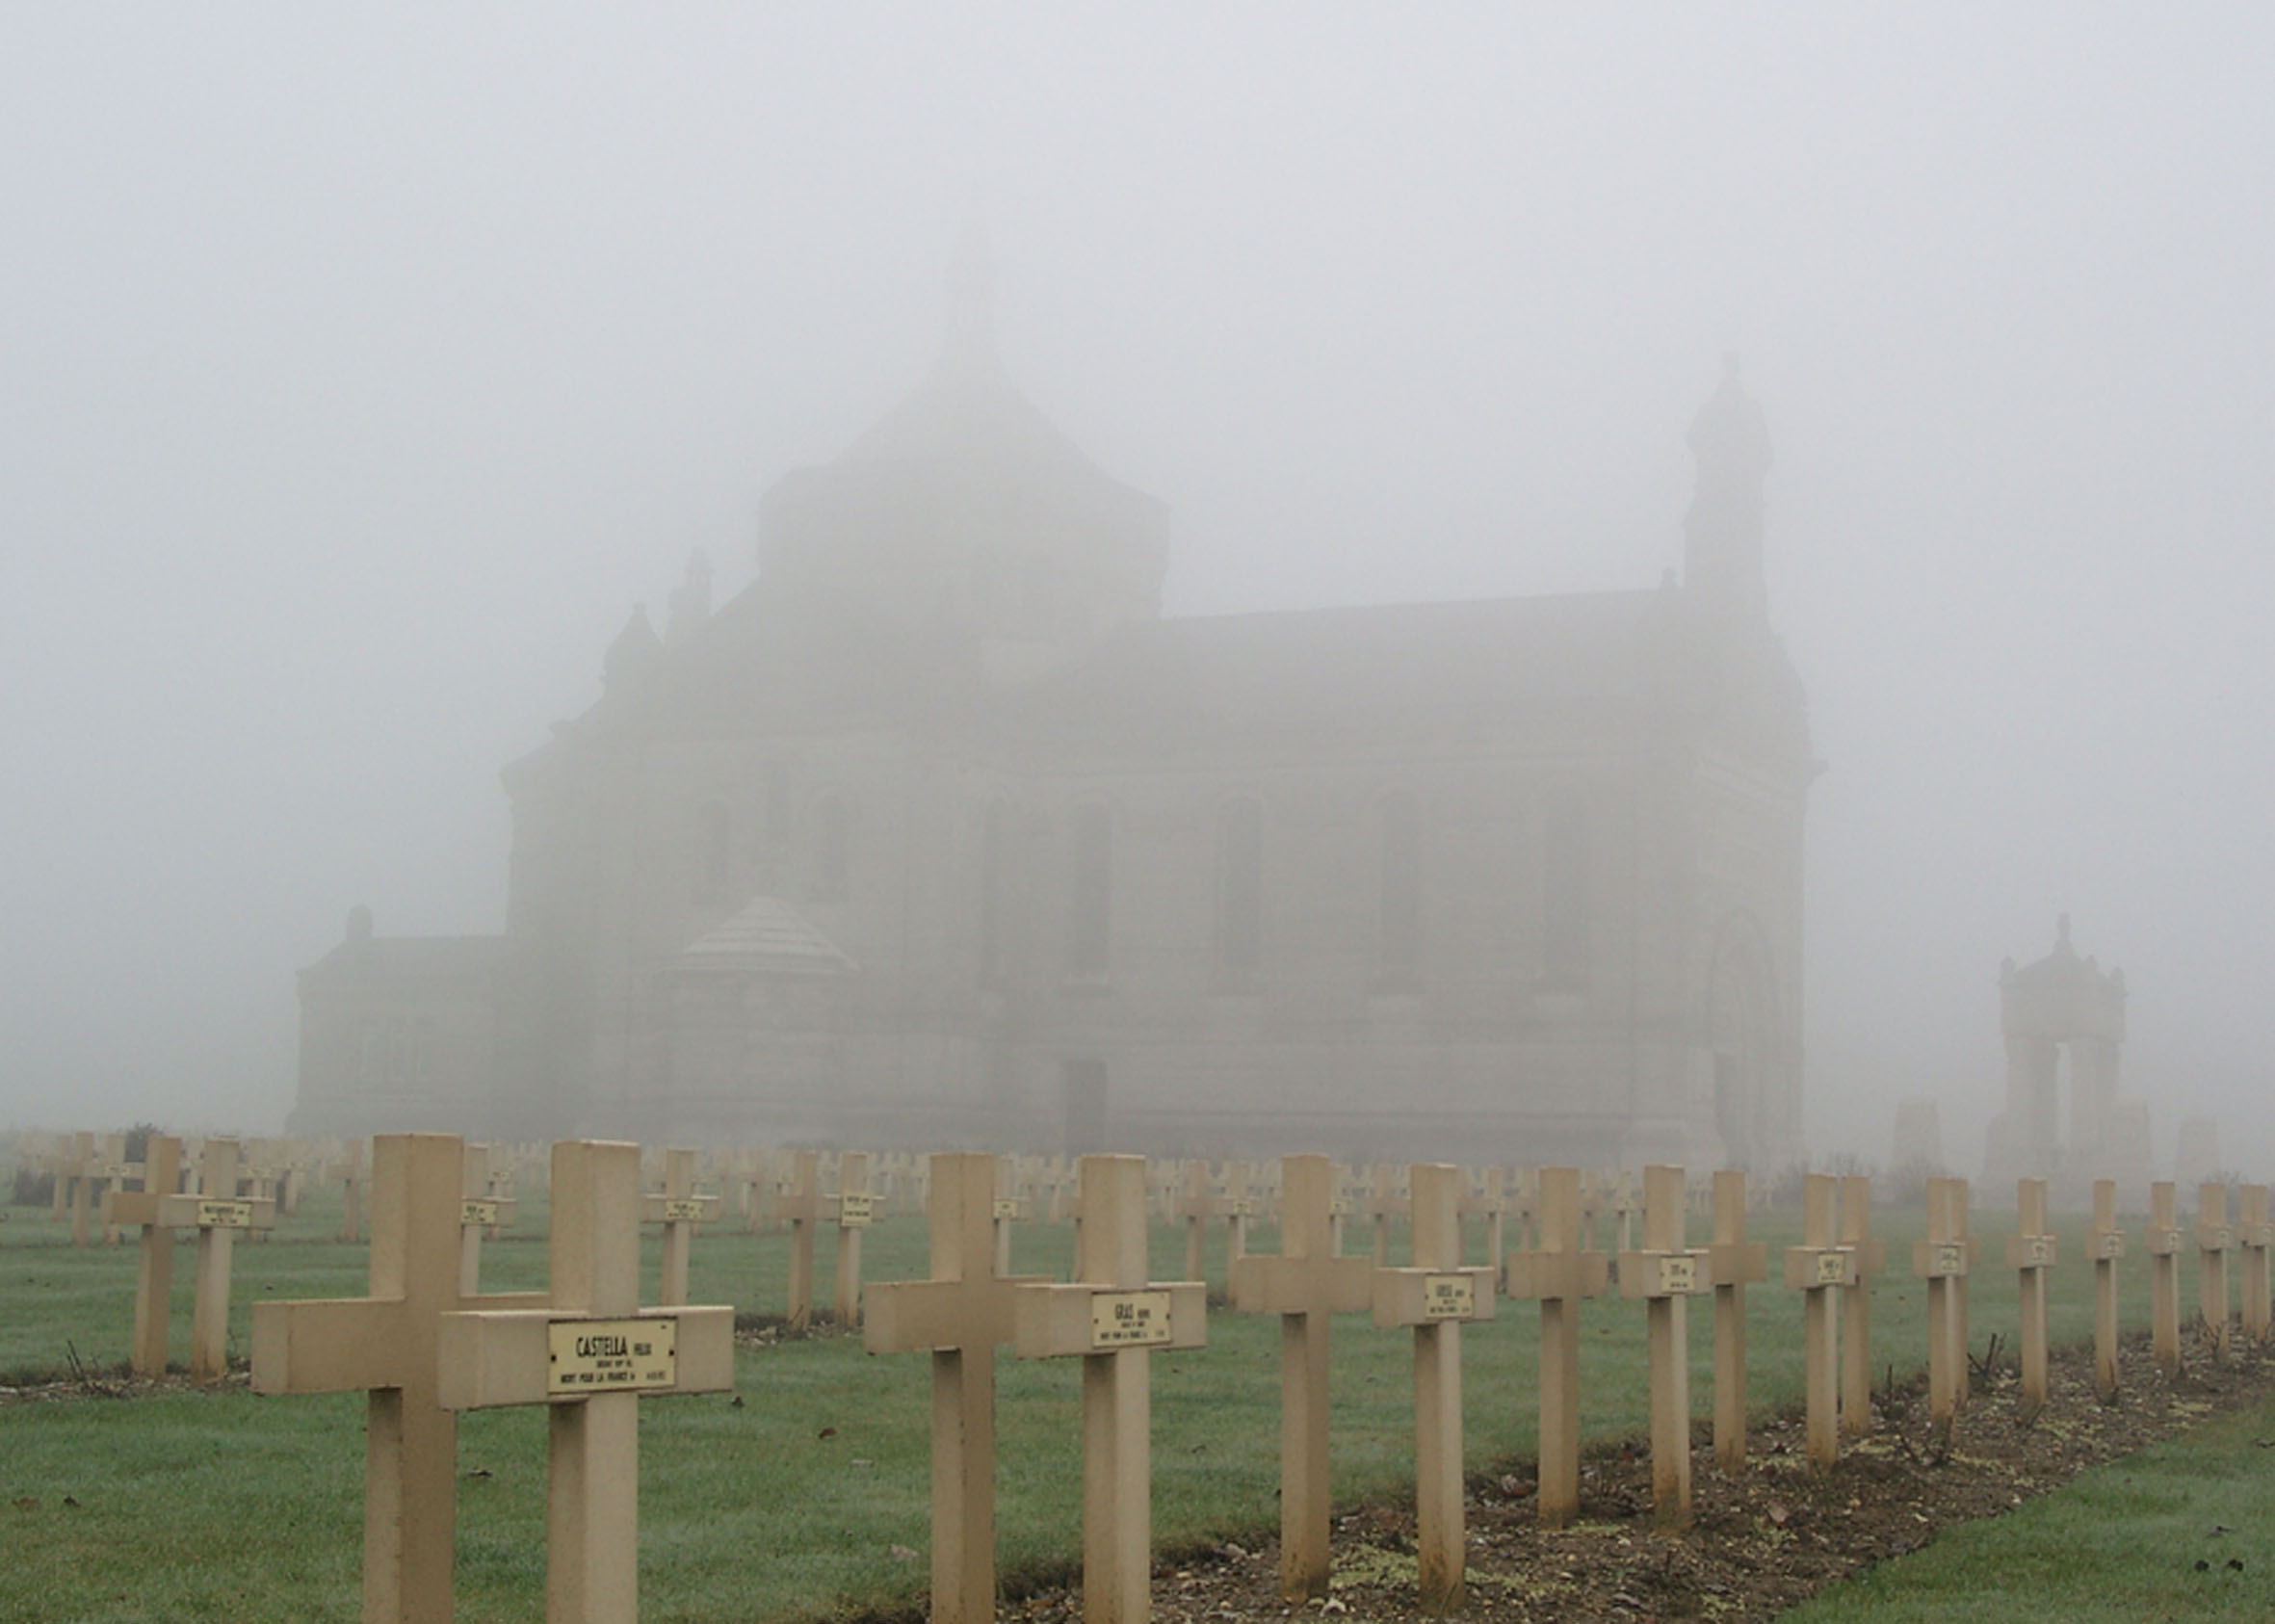 Basilika auf der Loretto-Höhe inmitten des französischen Nationalfriedhofes